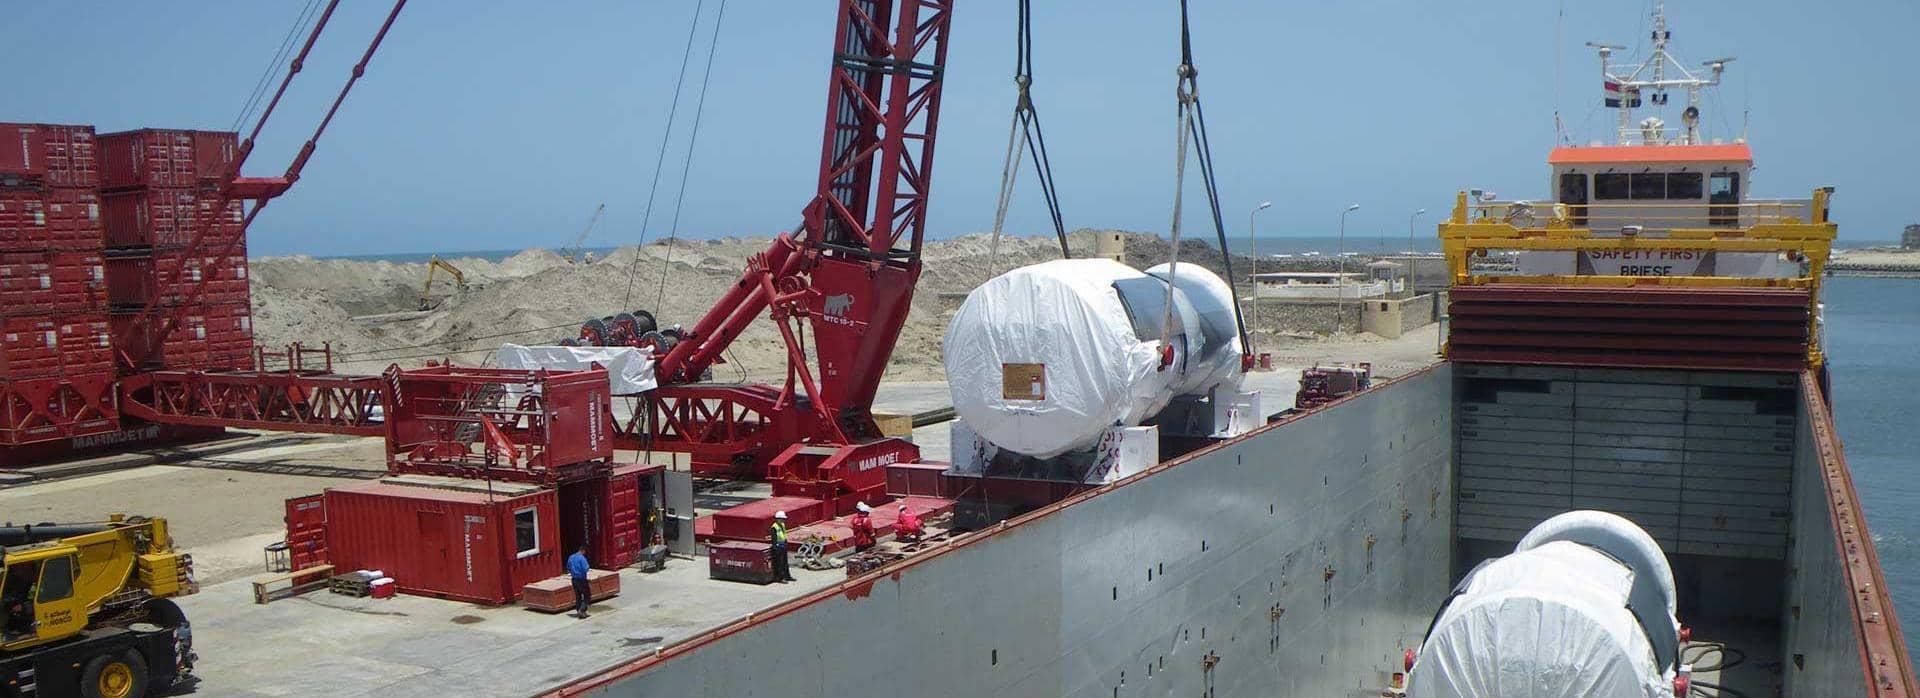 Egy 600 tonnás daru a turbinák kirakodása közben Burullusban